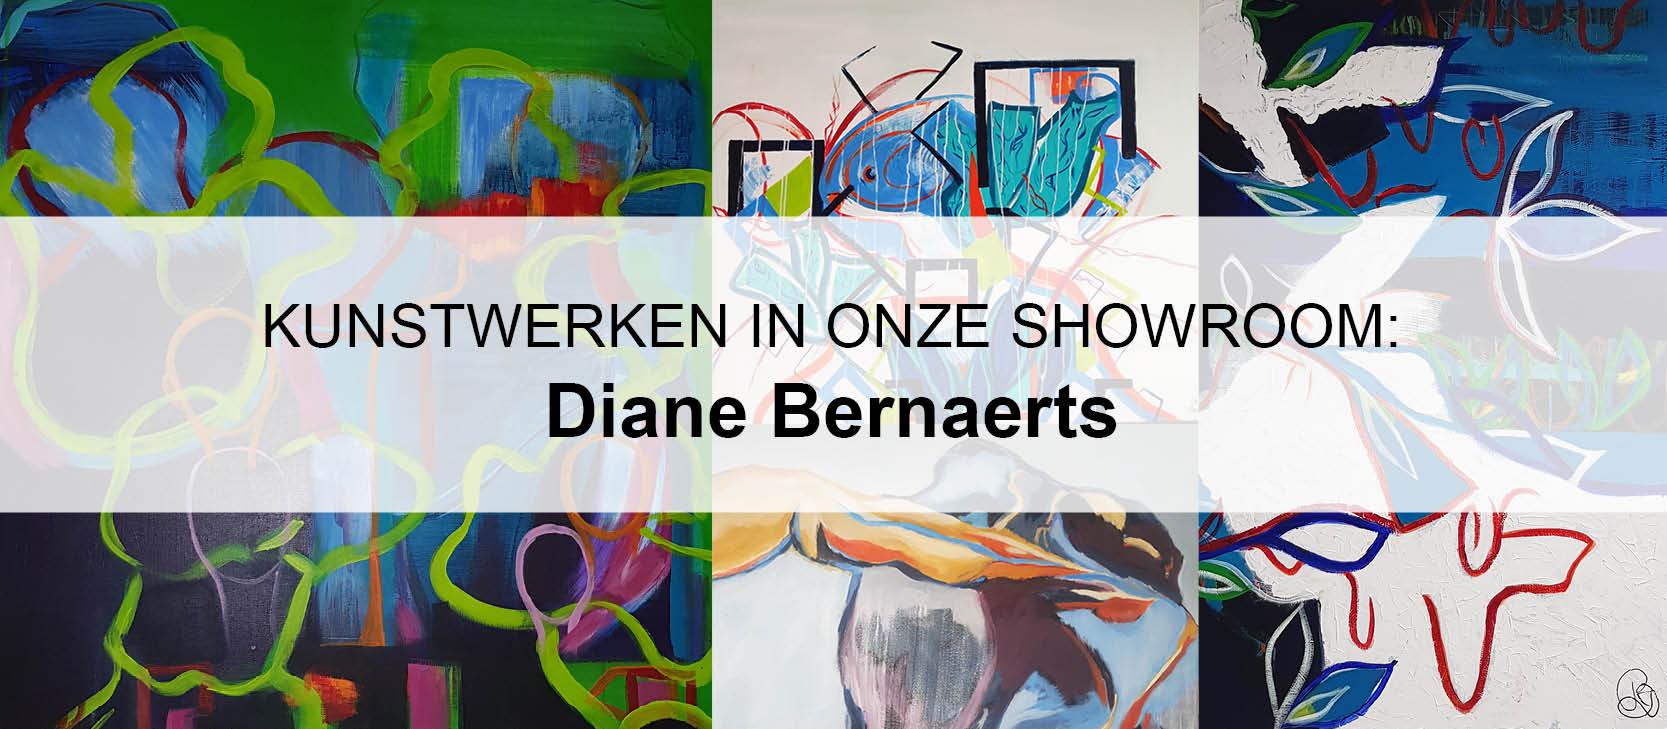 Diane Bernaerts Kunstwerken